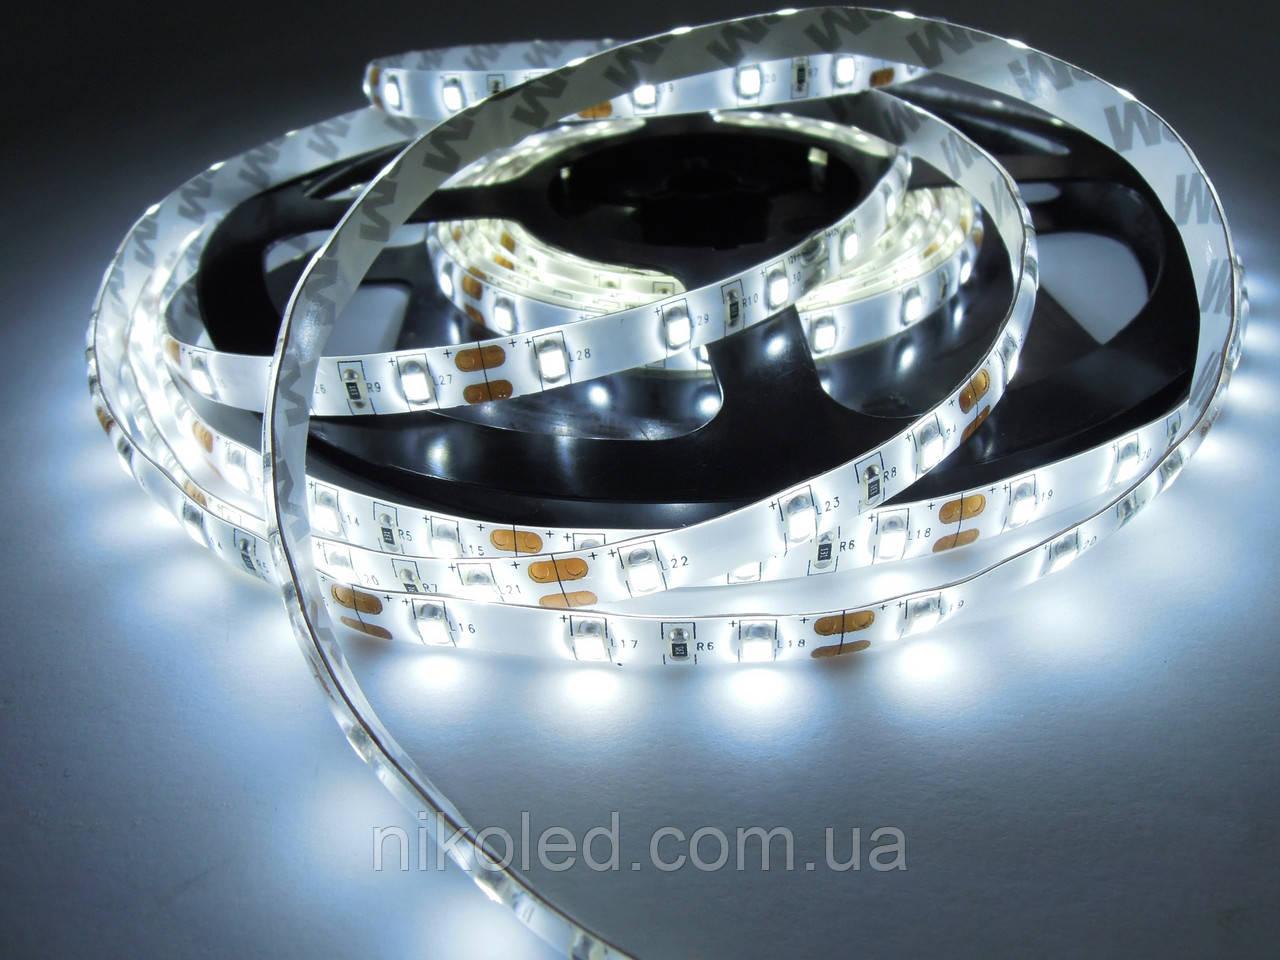 Світлодіодна стрічка SMD 3528-60 преміум серія 5-6Лм IP65 в силіконі Білий